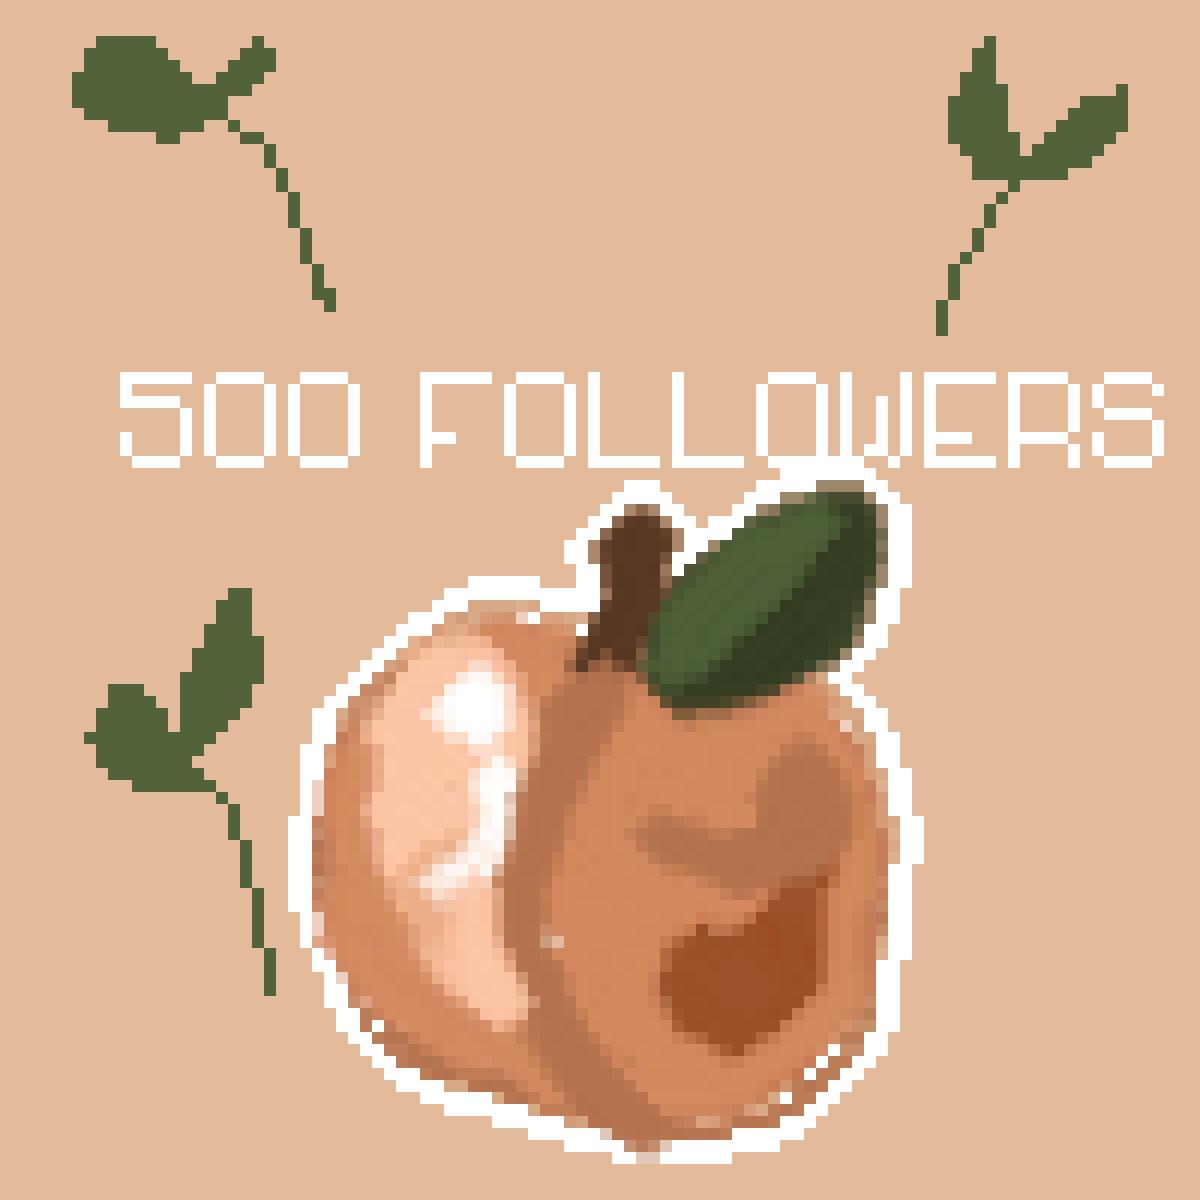 500 FOLLOWERS!!!! OMG by ArtbyChaiitea